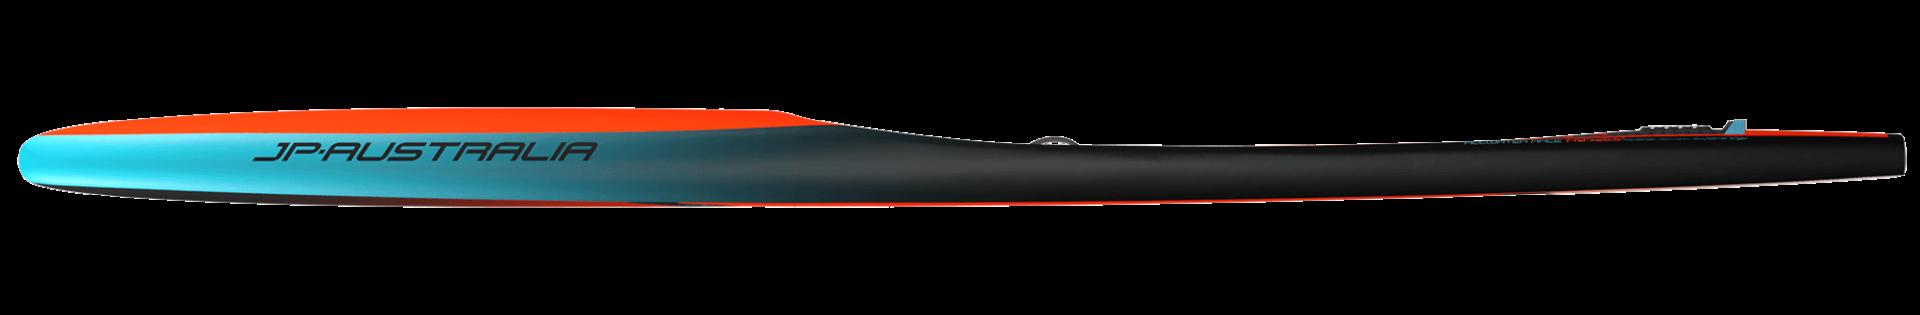 JP Australia SUP Composite Allwater Race